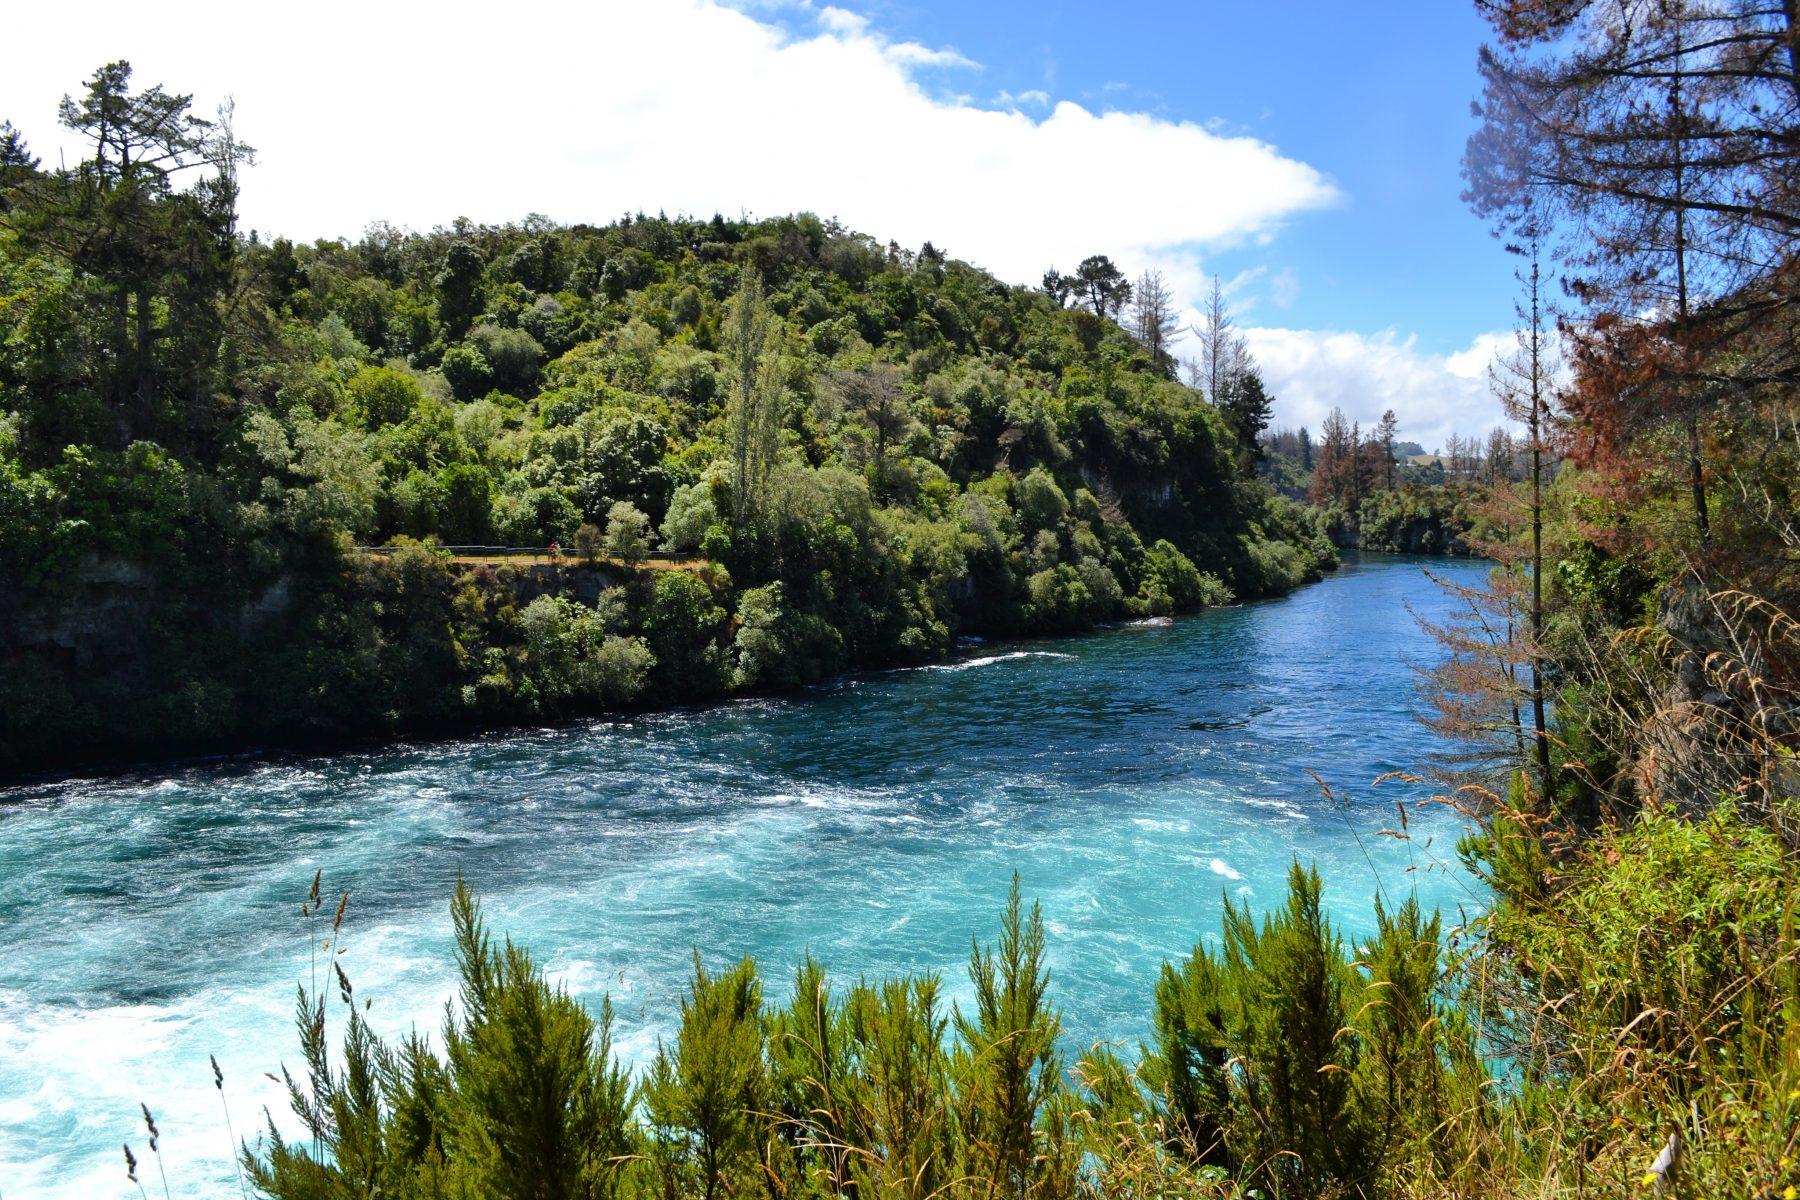 Taking on Taupo - Prawn Fishing and Huka Falls